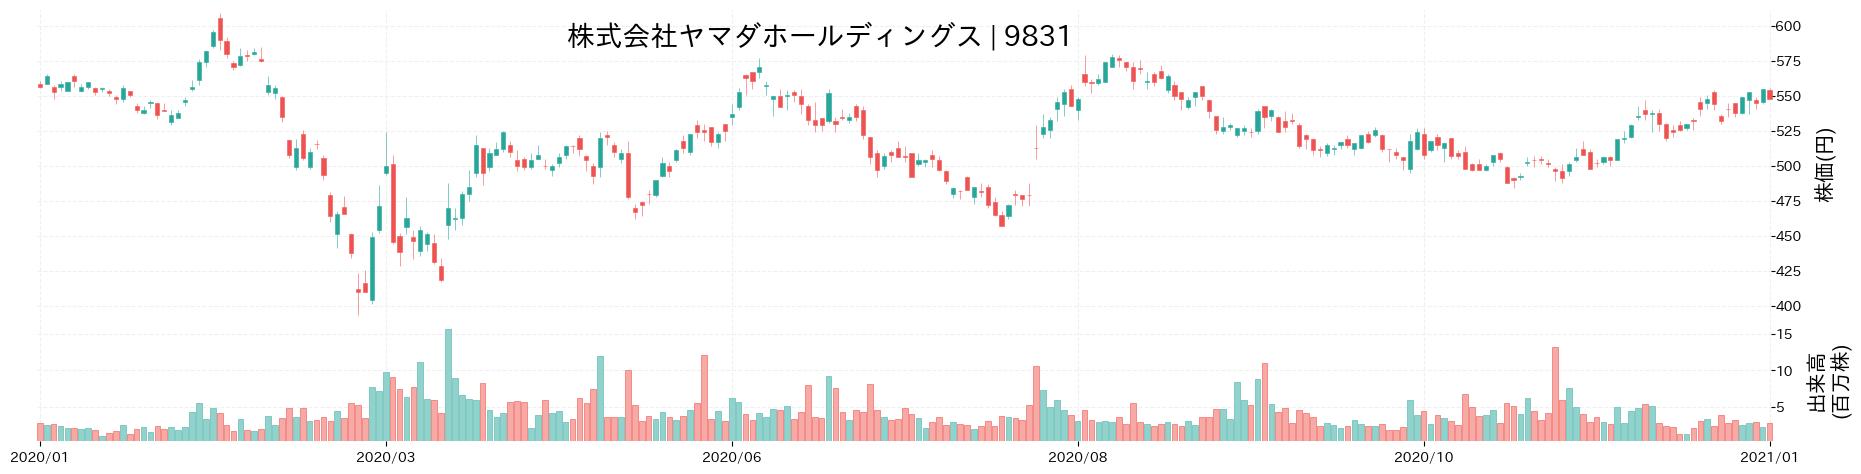 株式会社ヤマダ電機の株価推移(2020)